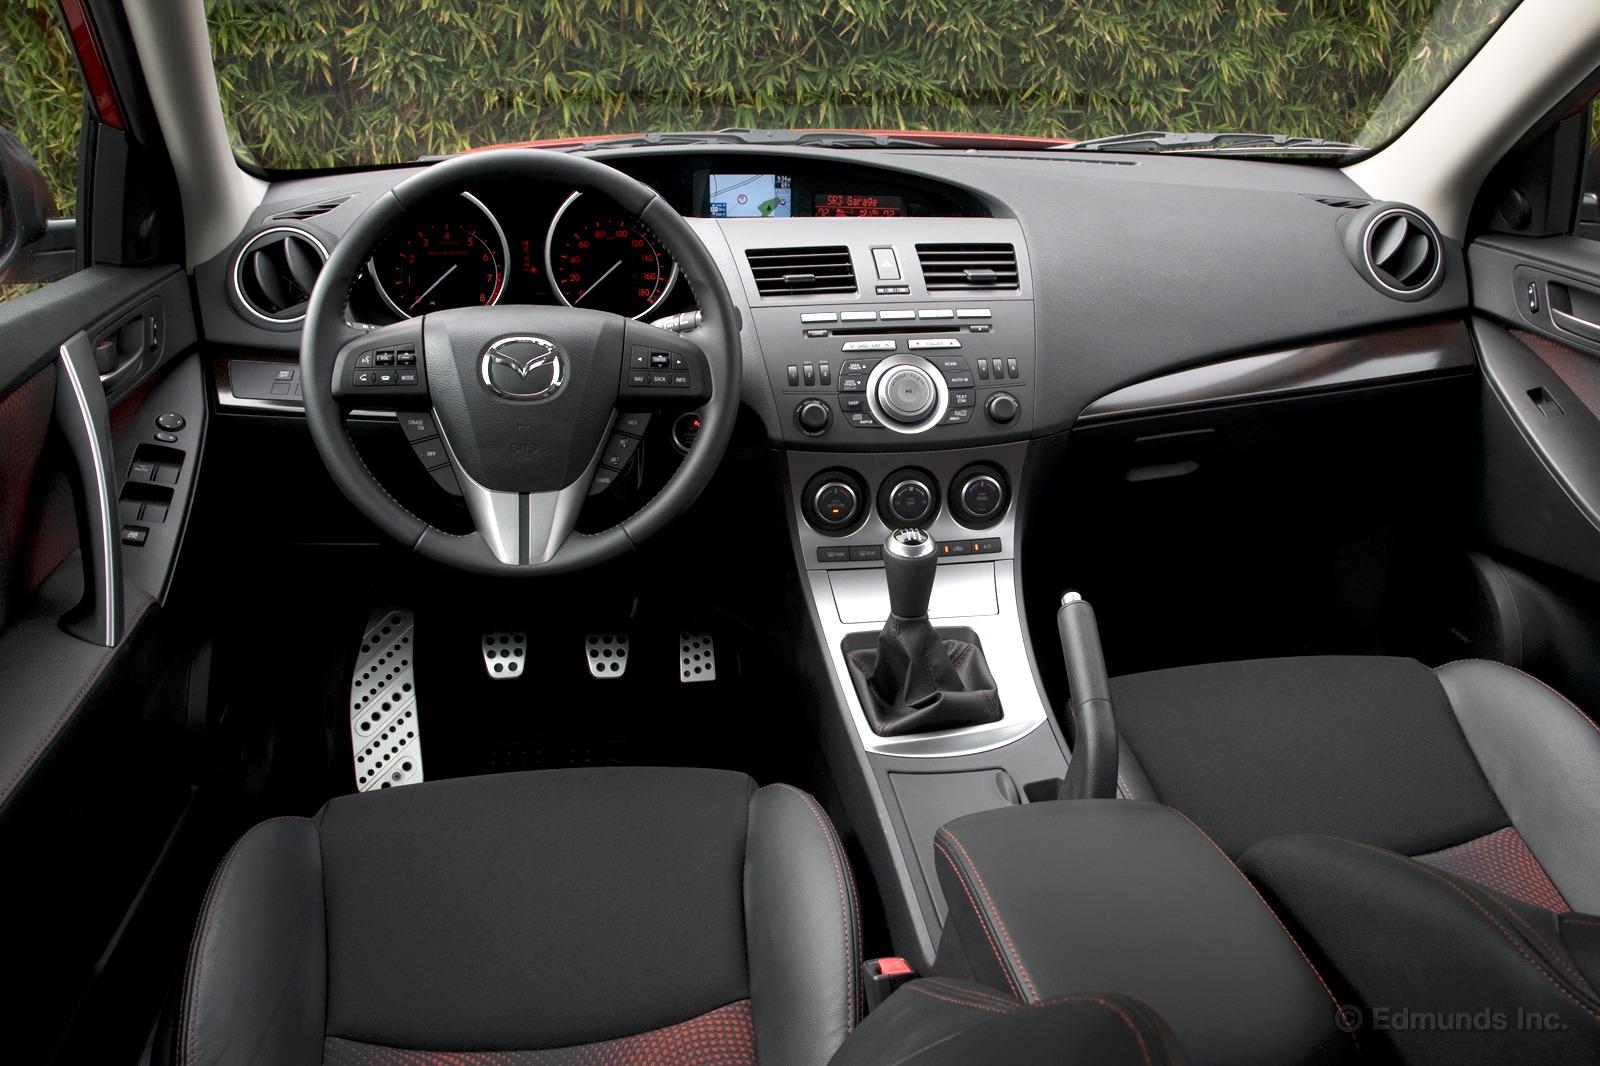 2010 Mazda Mazda3 Image 17